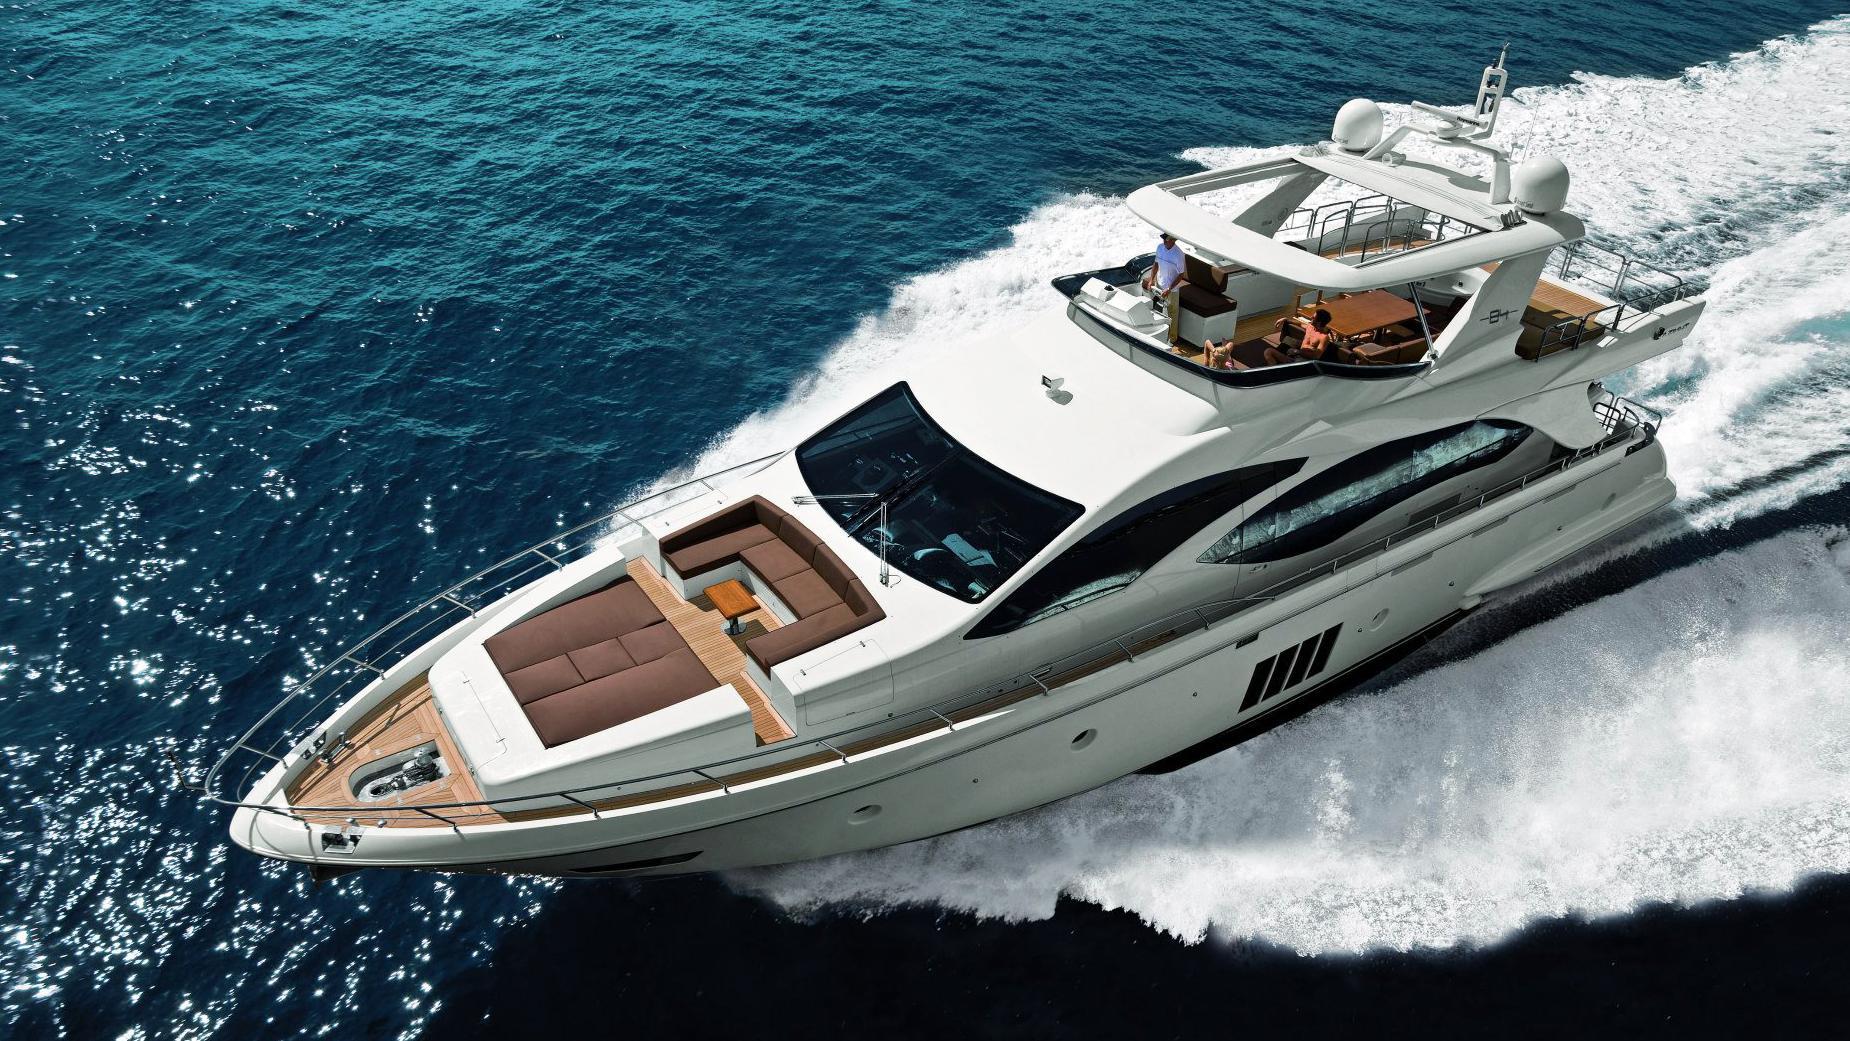 azimut-84-11-motor-yacht-2013-26m-aerial